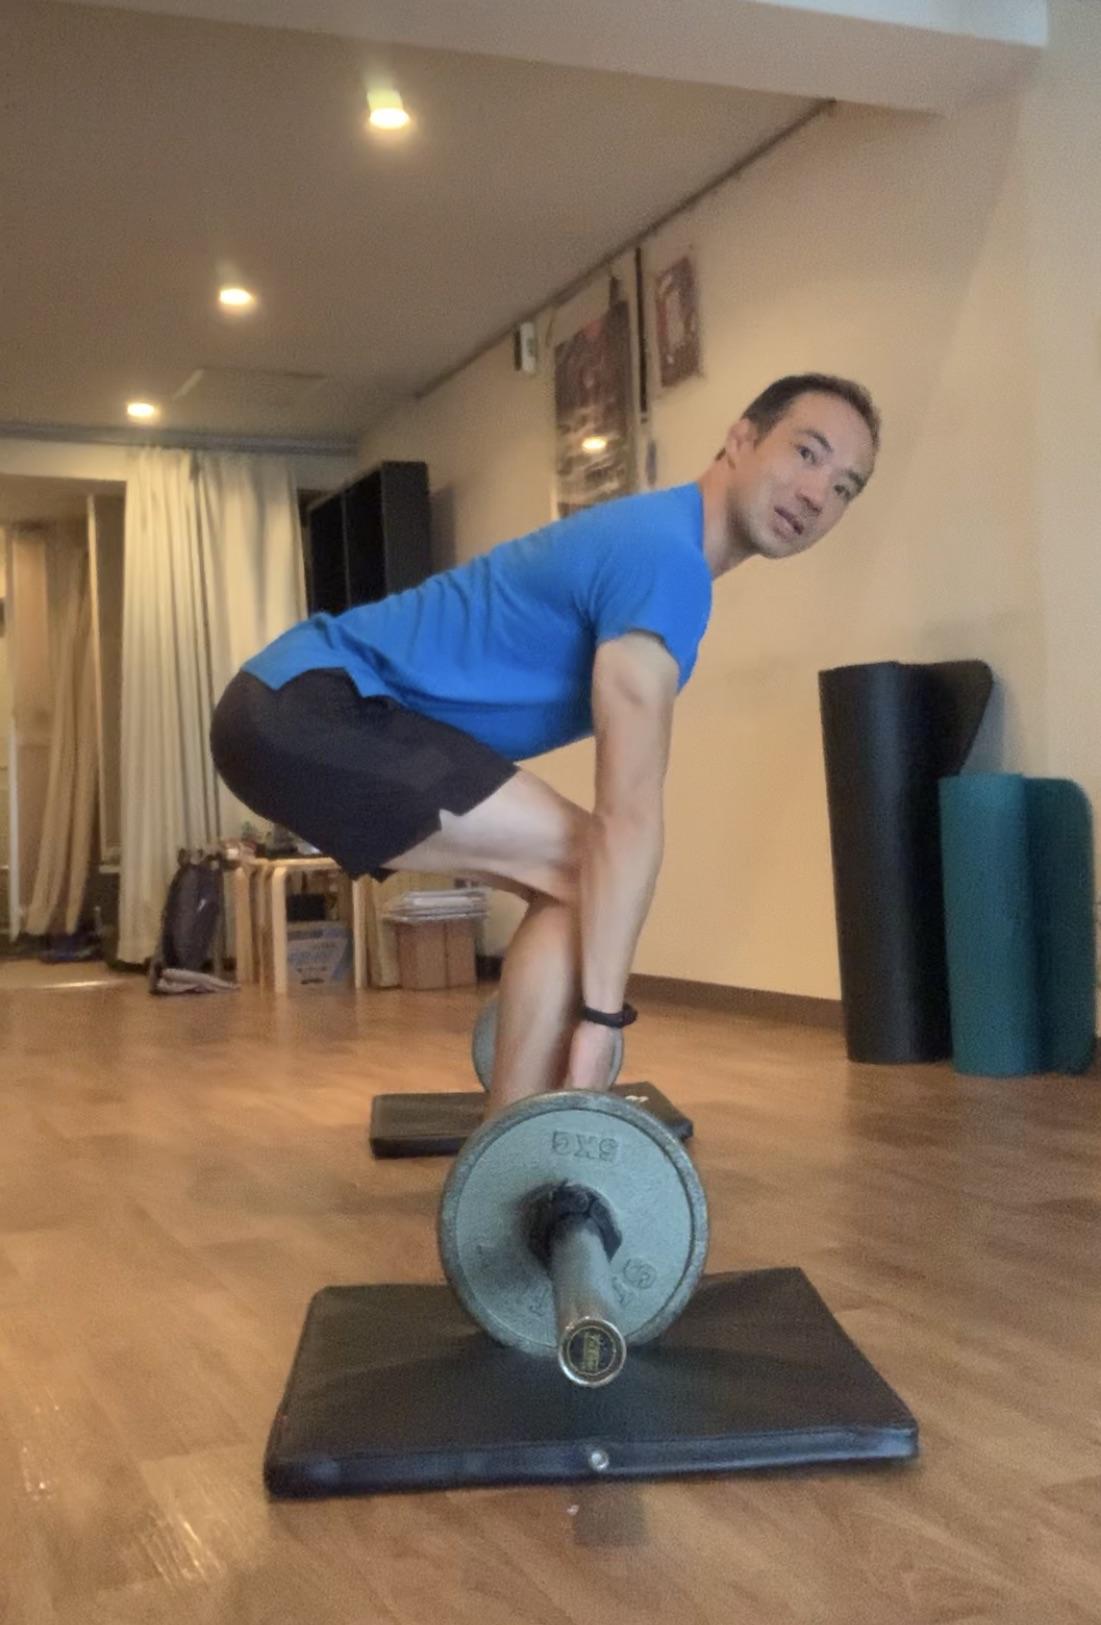 やっぱりフォームが大事!ダイエット、腰痛改善にも有効な筋トレフォームはパーソナルトレーニングで細かくチェック!